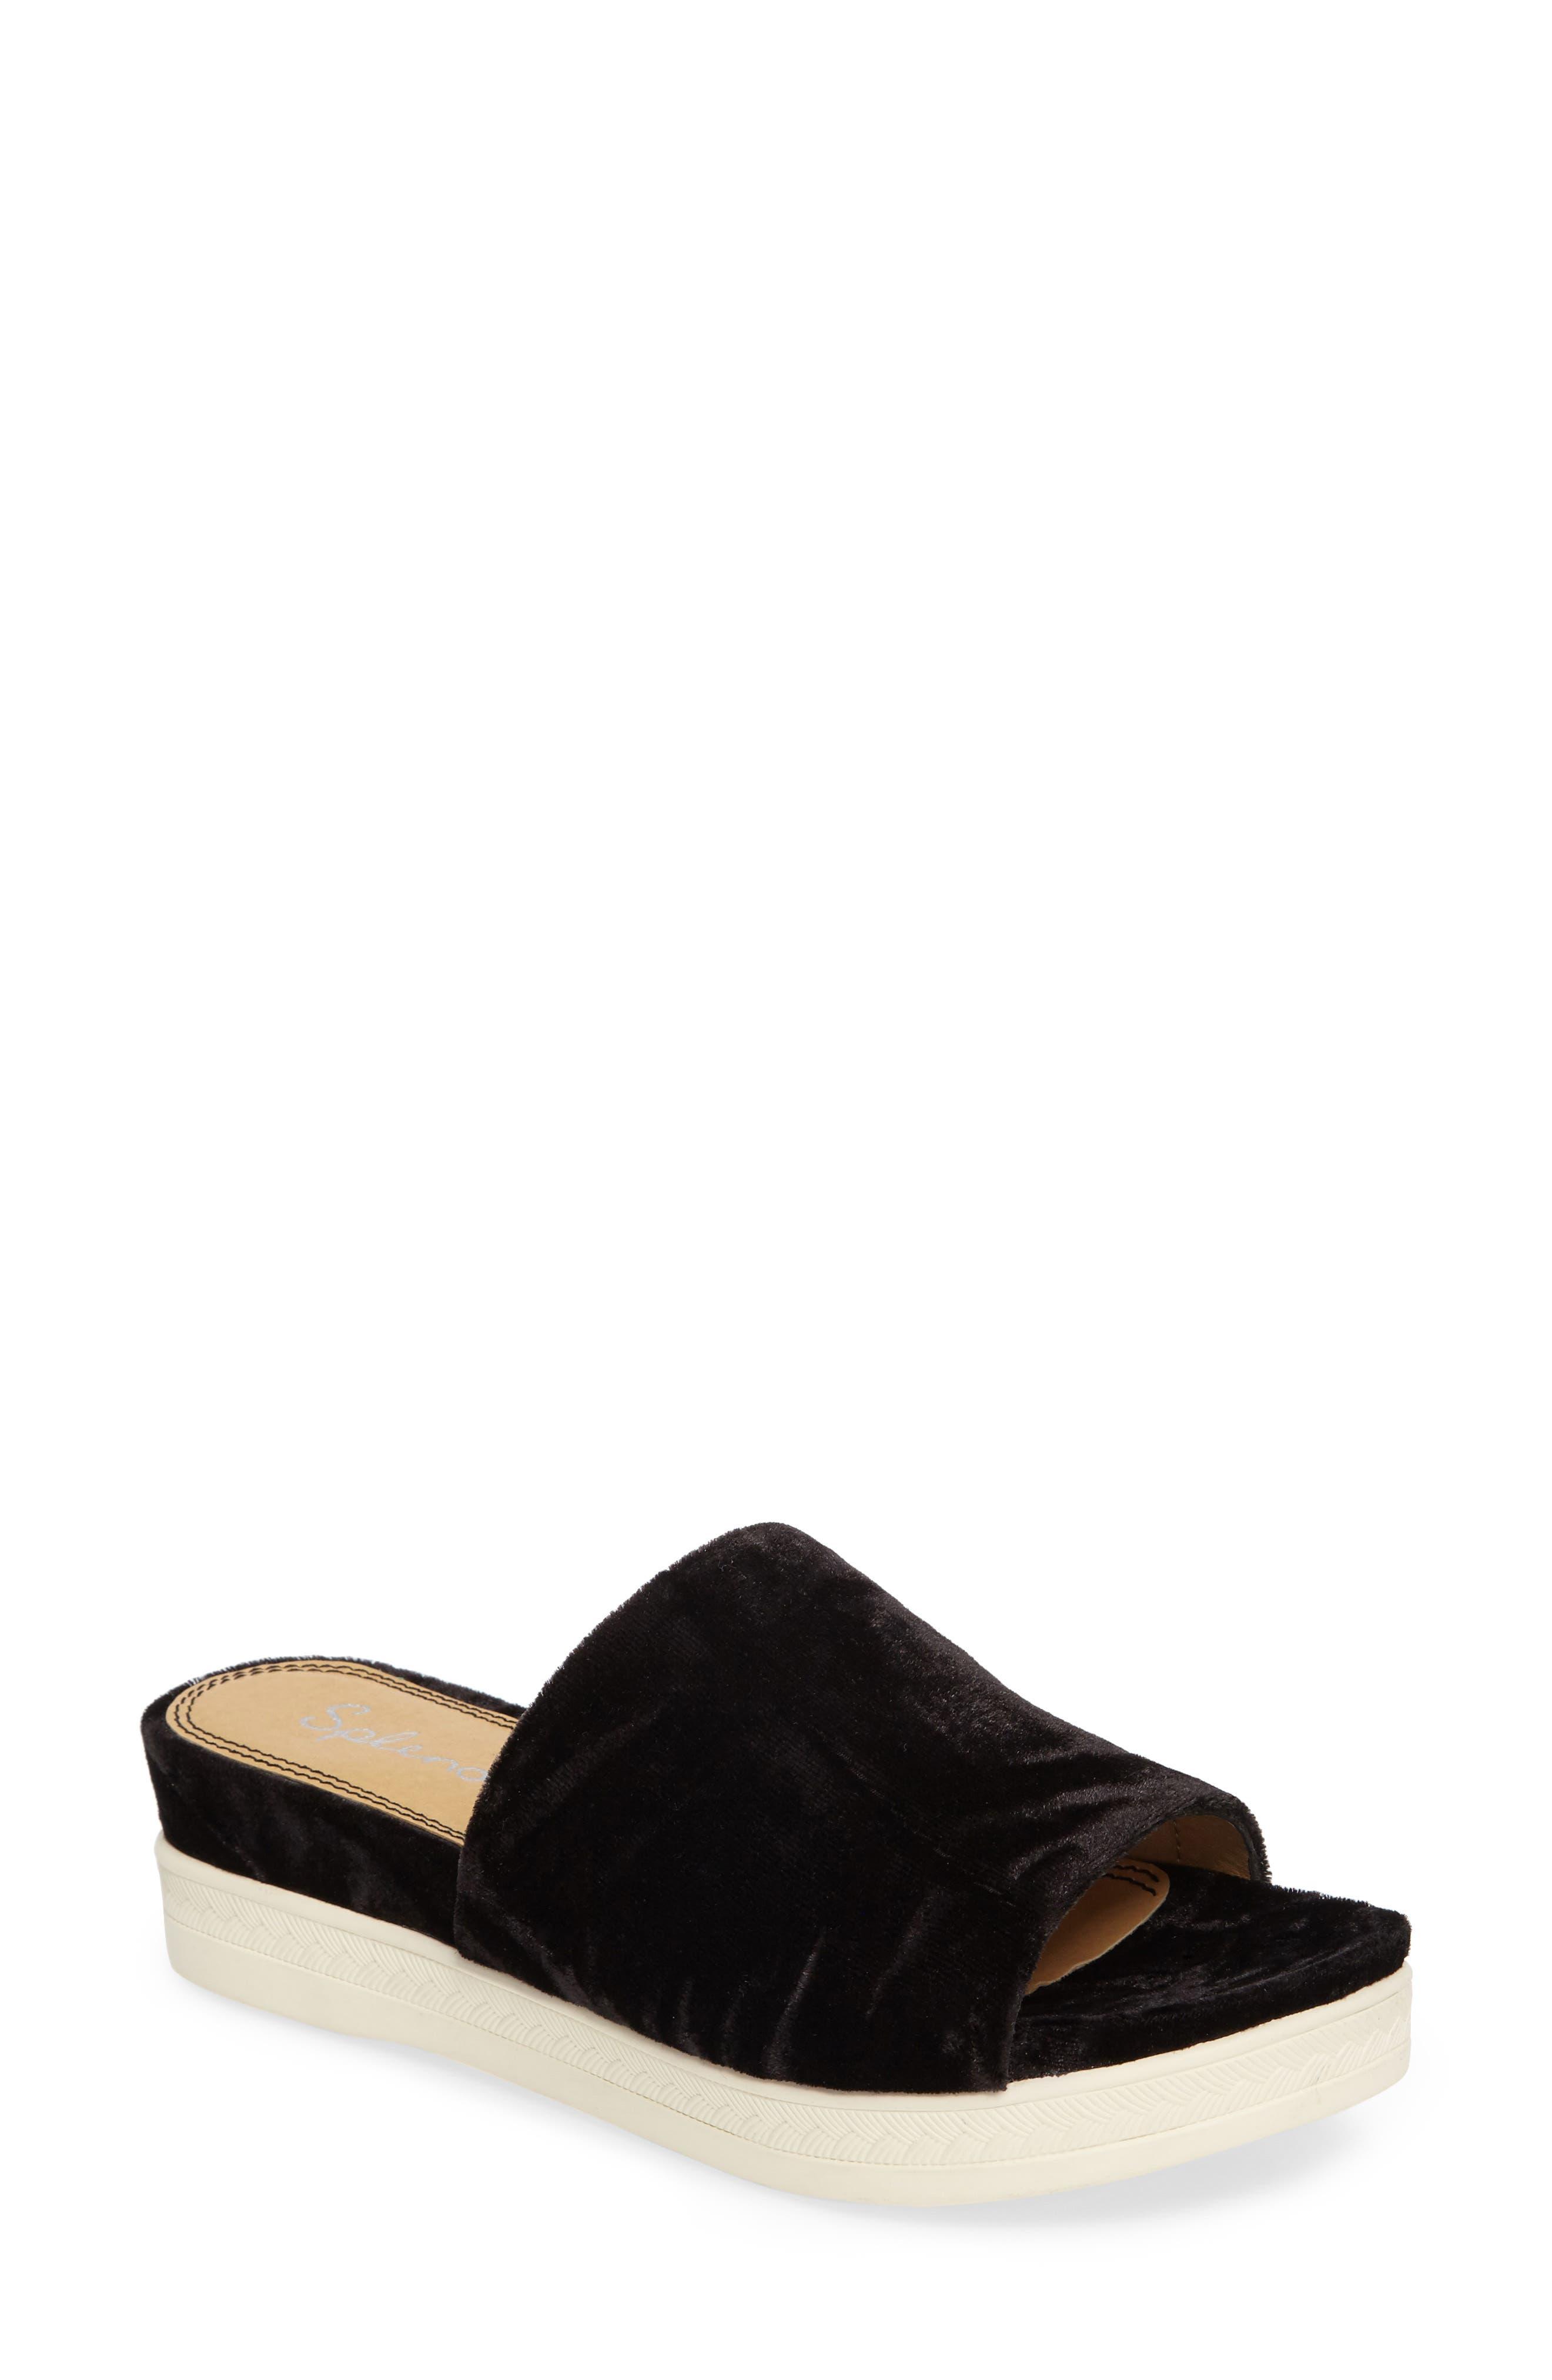 Darla Slide Sandal,                             Main thumbnail 1, color,                             Black Velvet Fabric